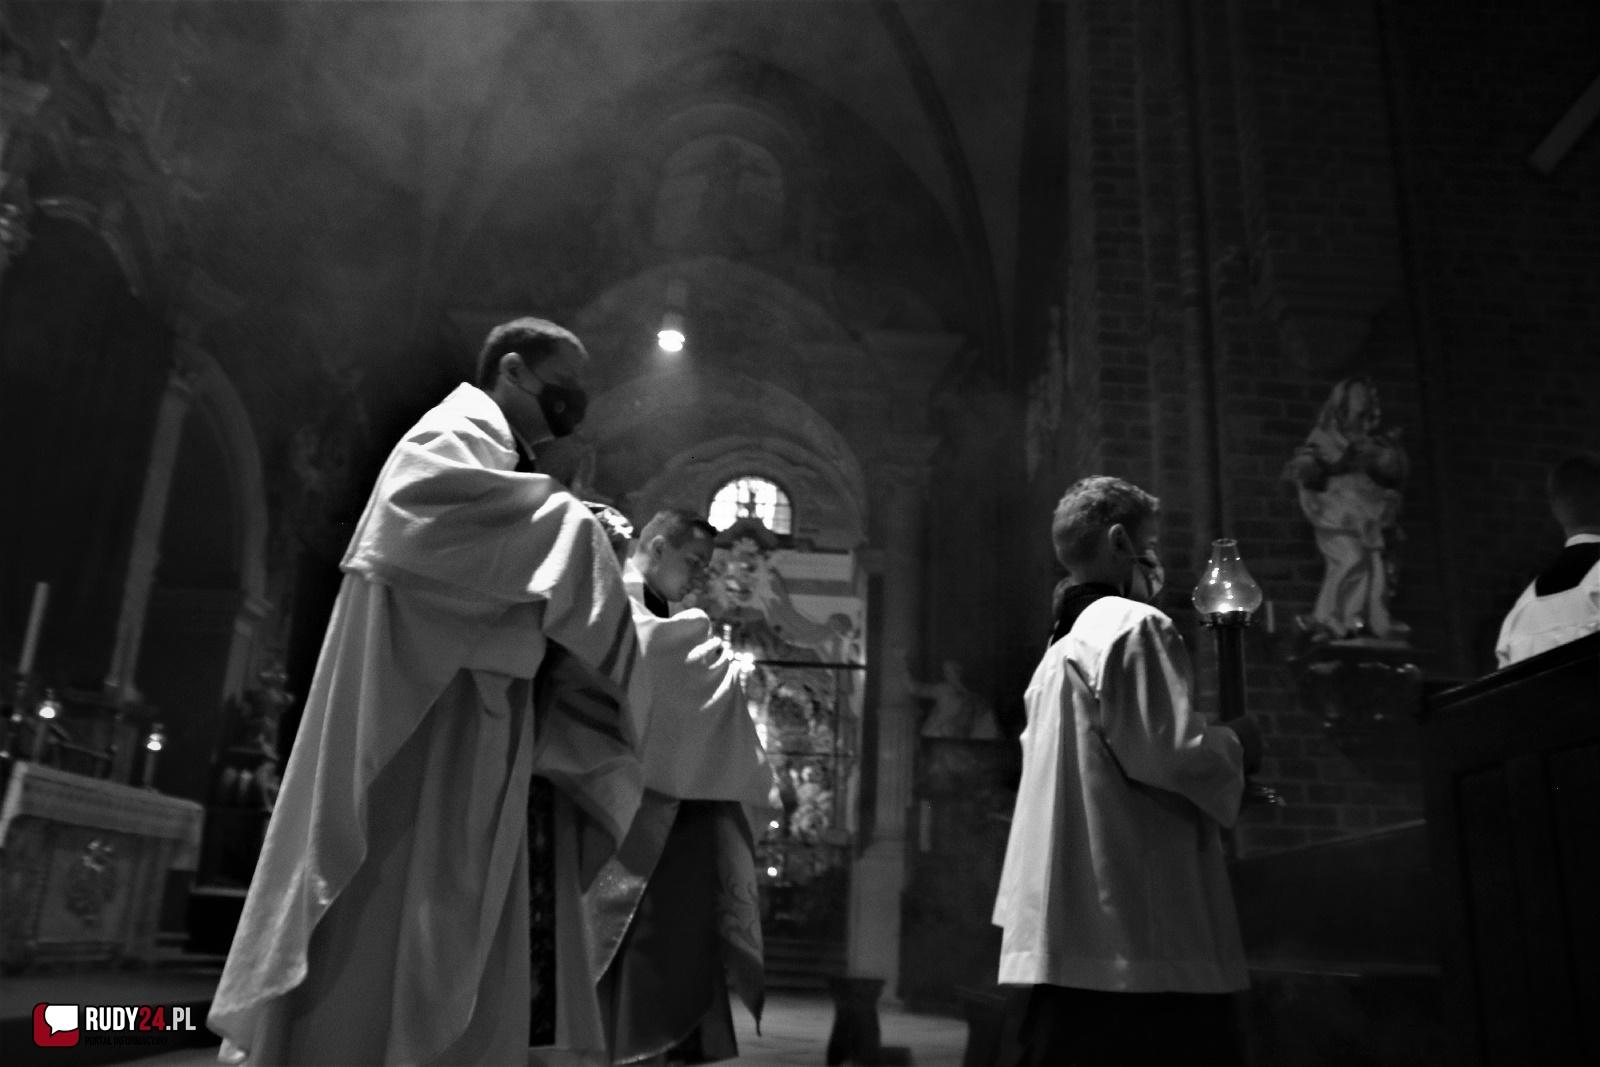 Życzenia dla kapłanów na Wielki Czwartek